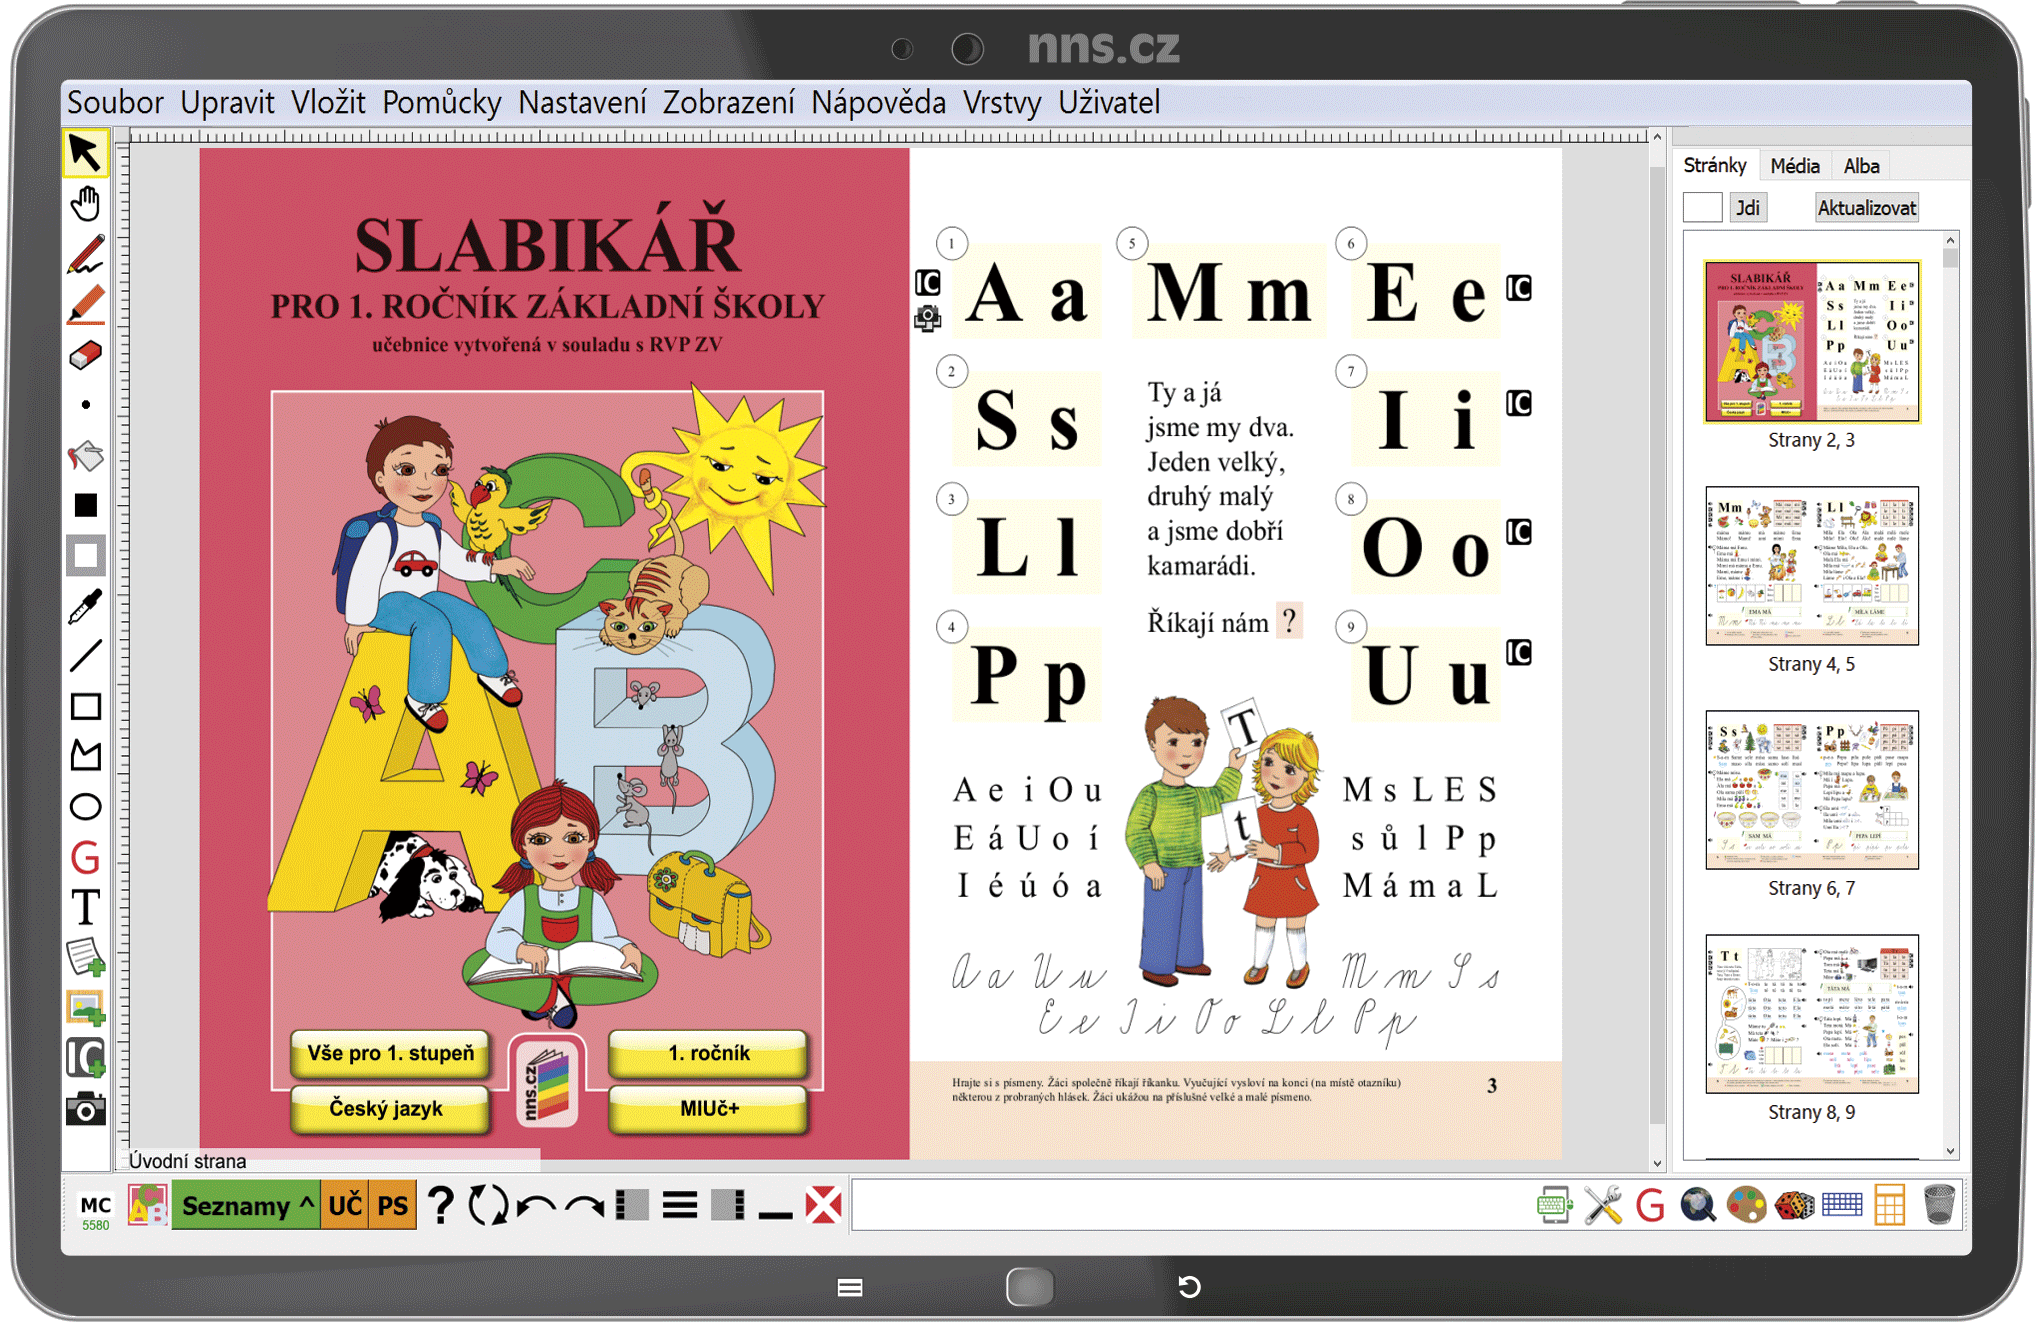 MIUč+ Živá abeceda, Slabikář, Písanka 1-4 (sada) - časově neomezená školní multilicence